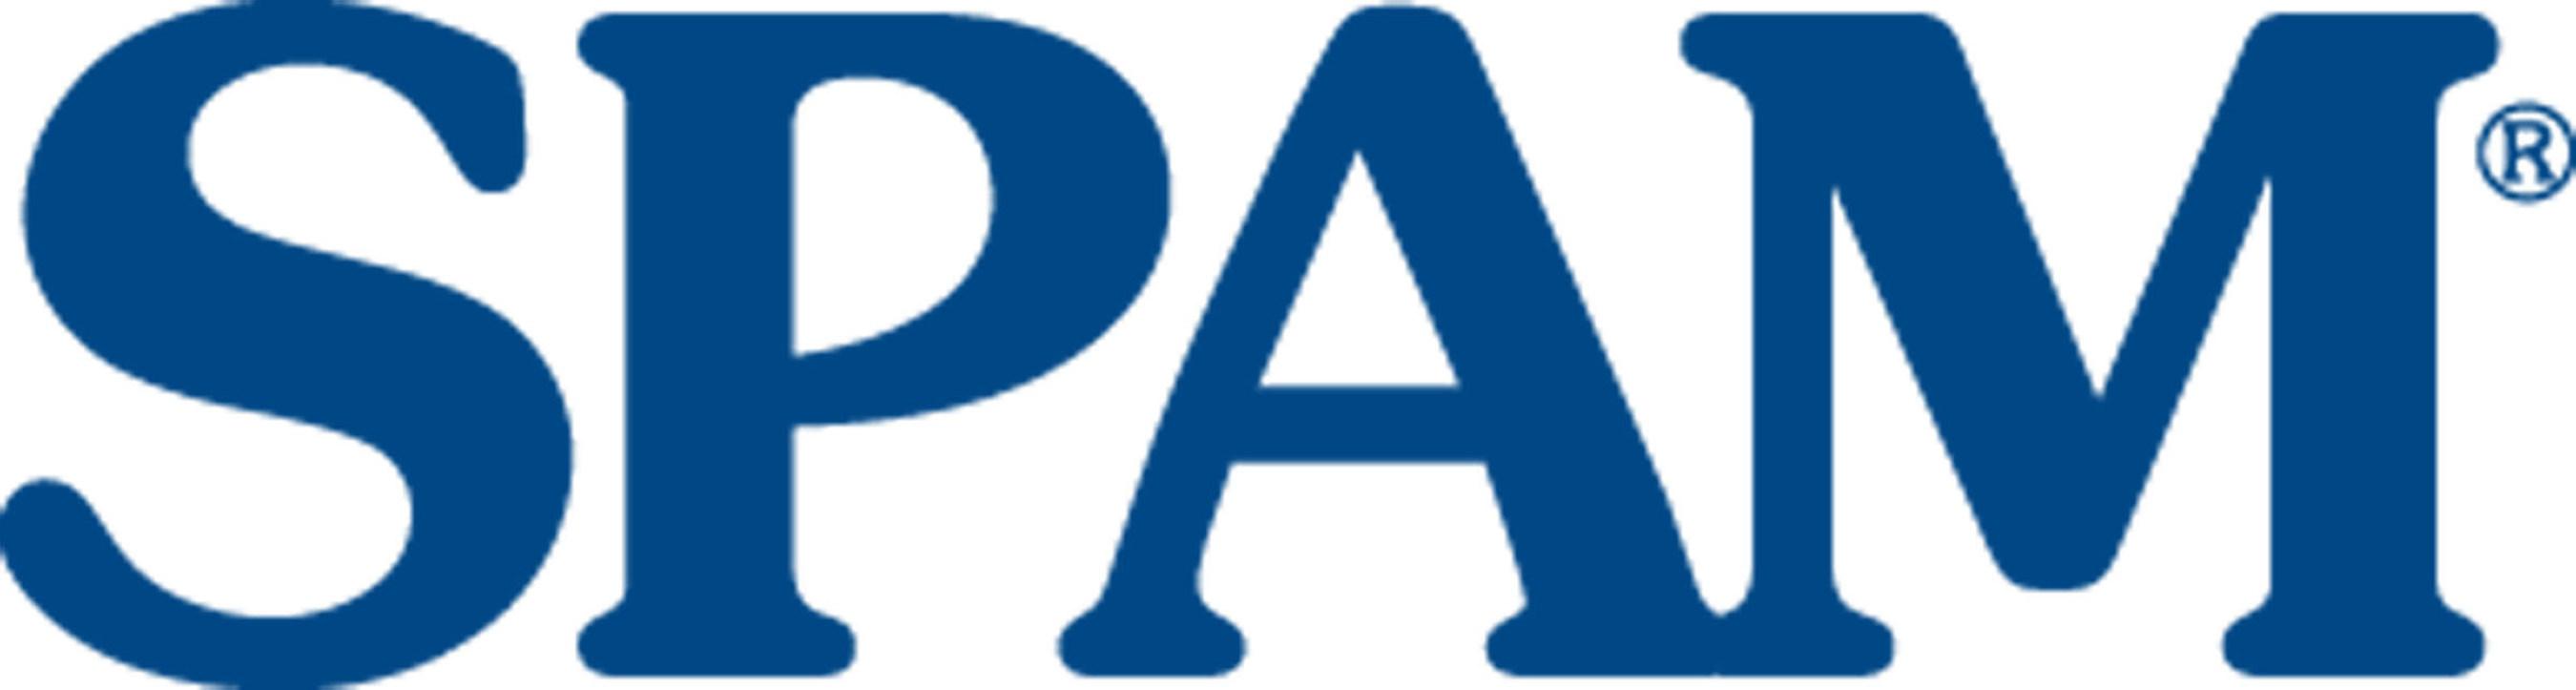 SPAM(R) Brand